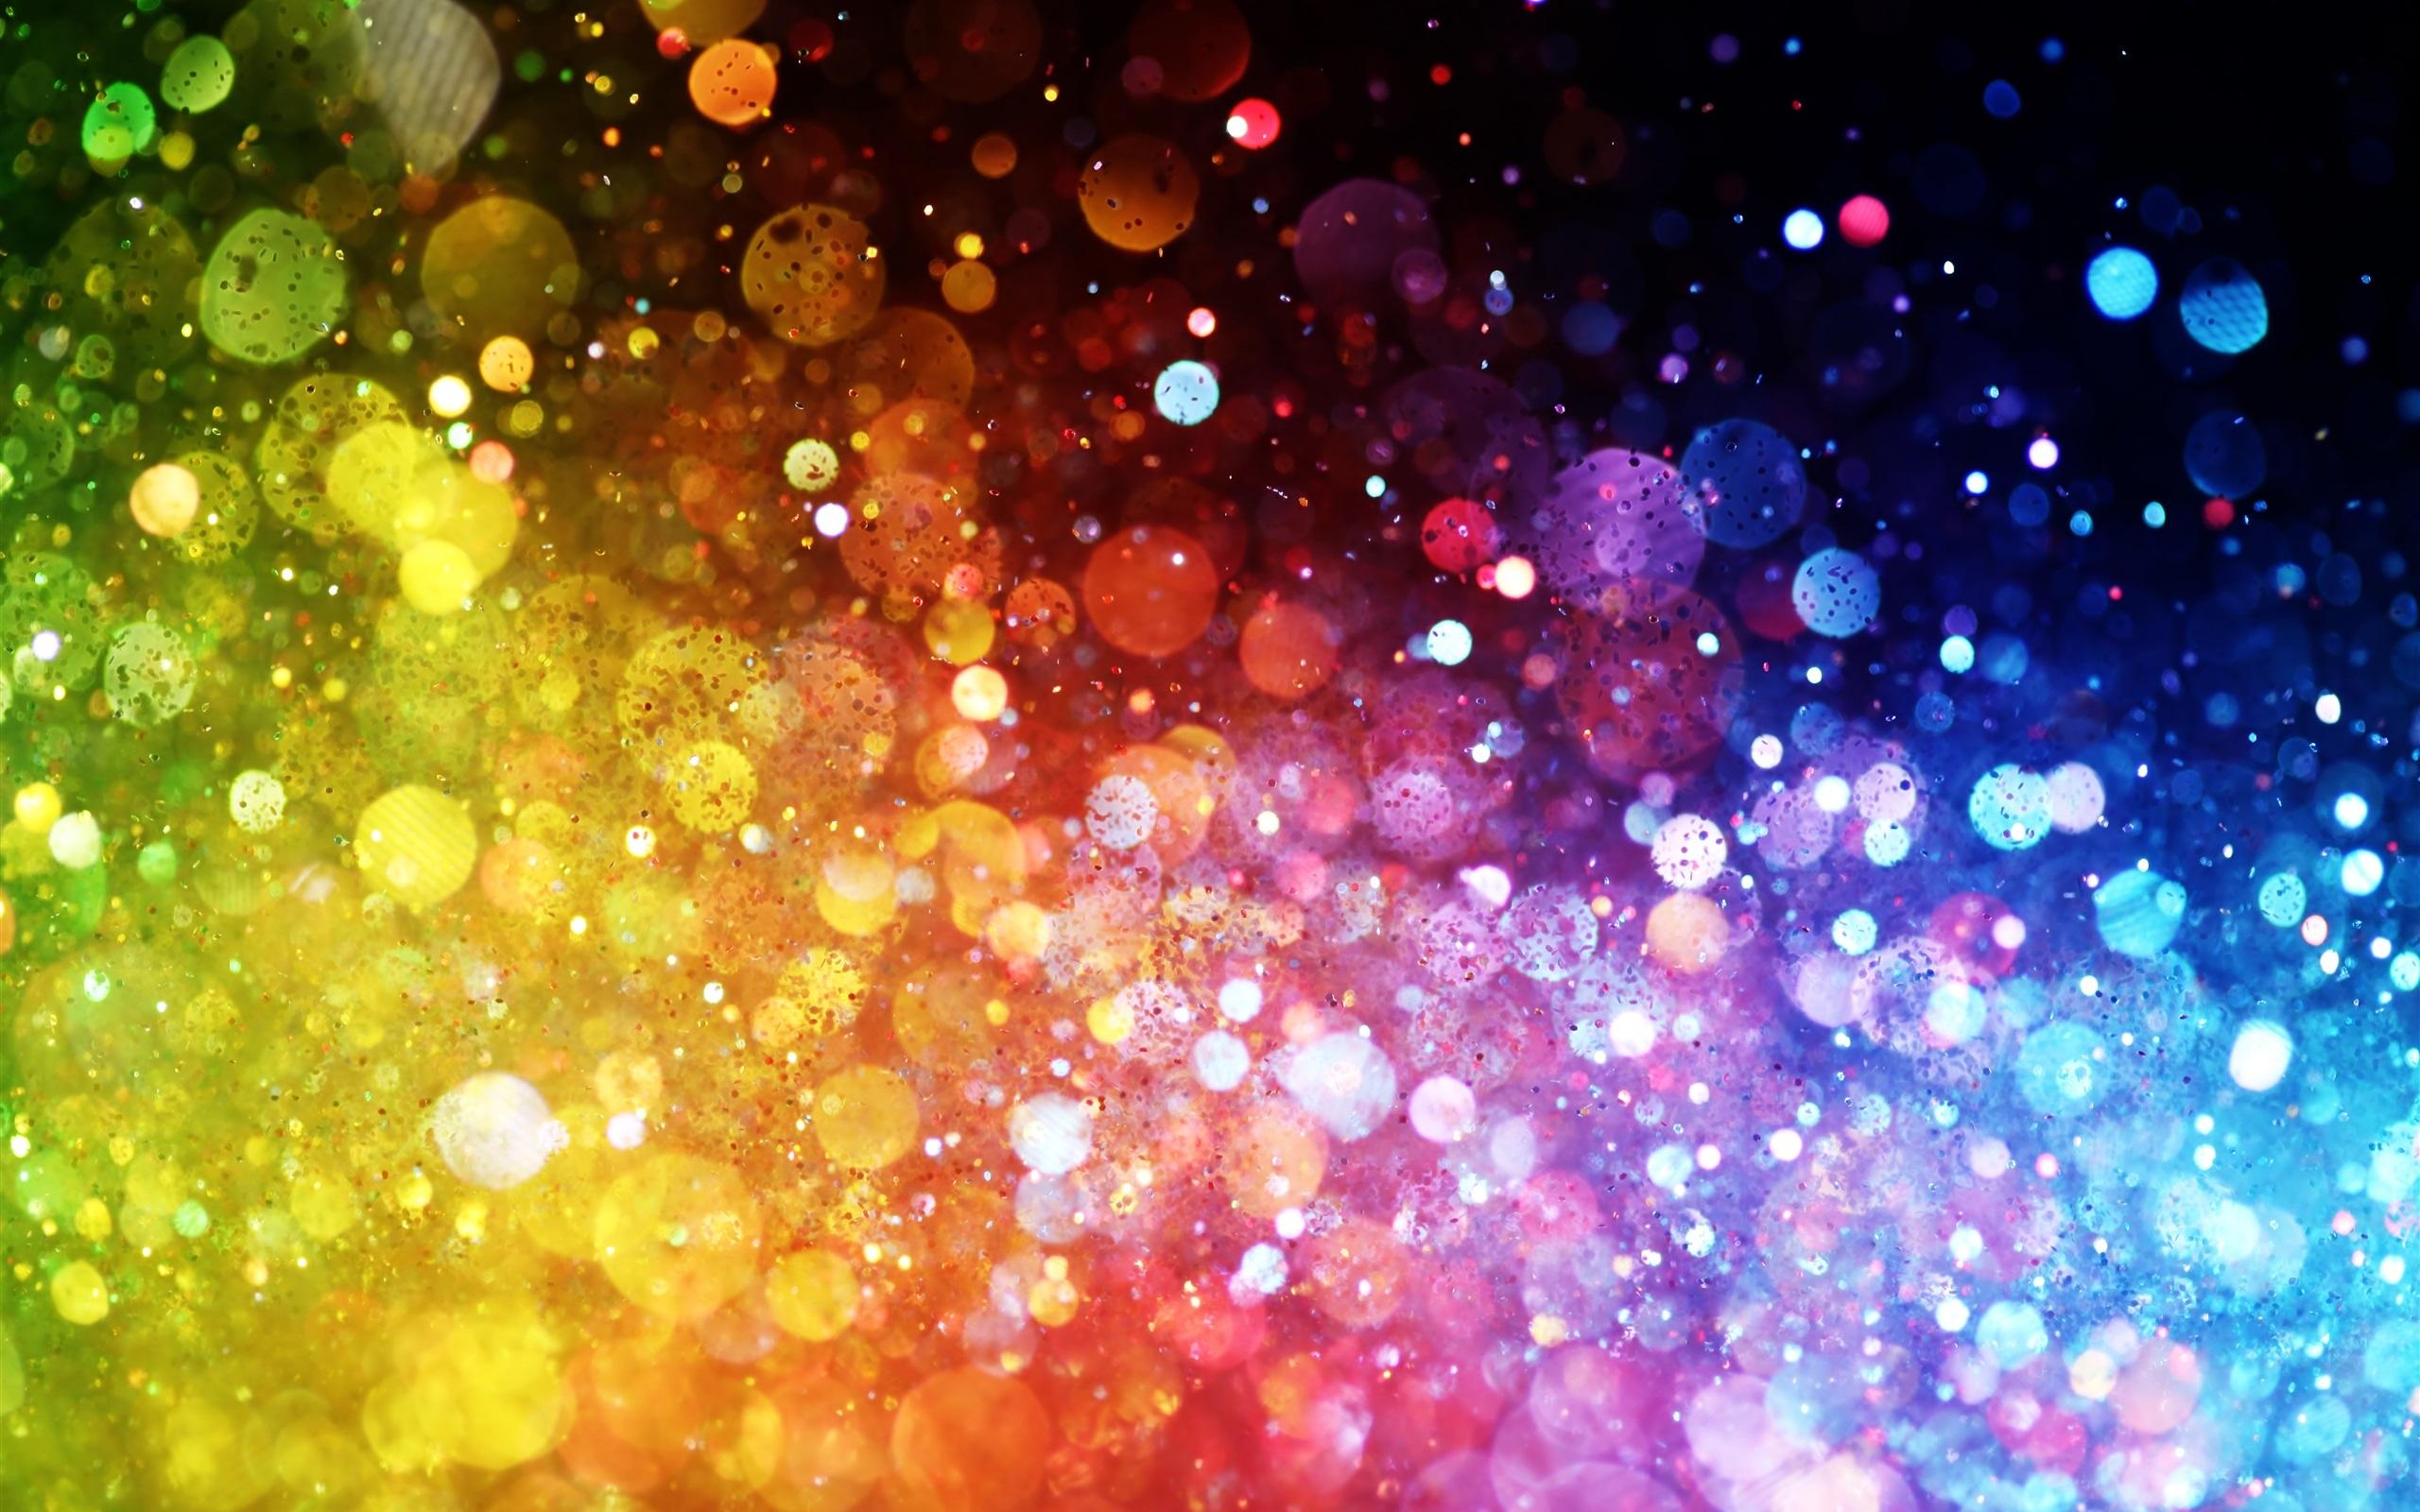 Colores del arco iris luces de colores cuadros for Luces de colores